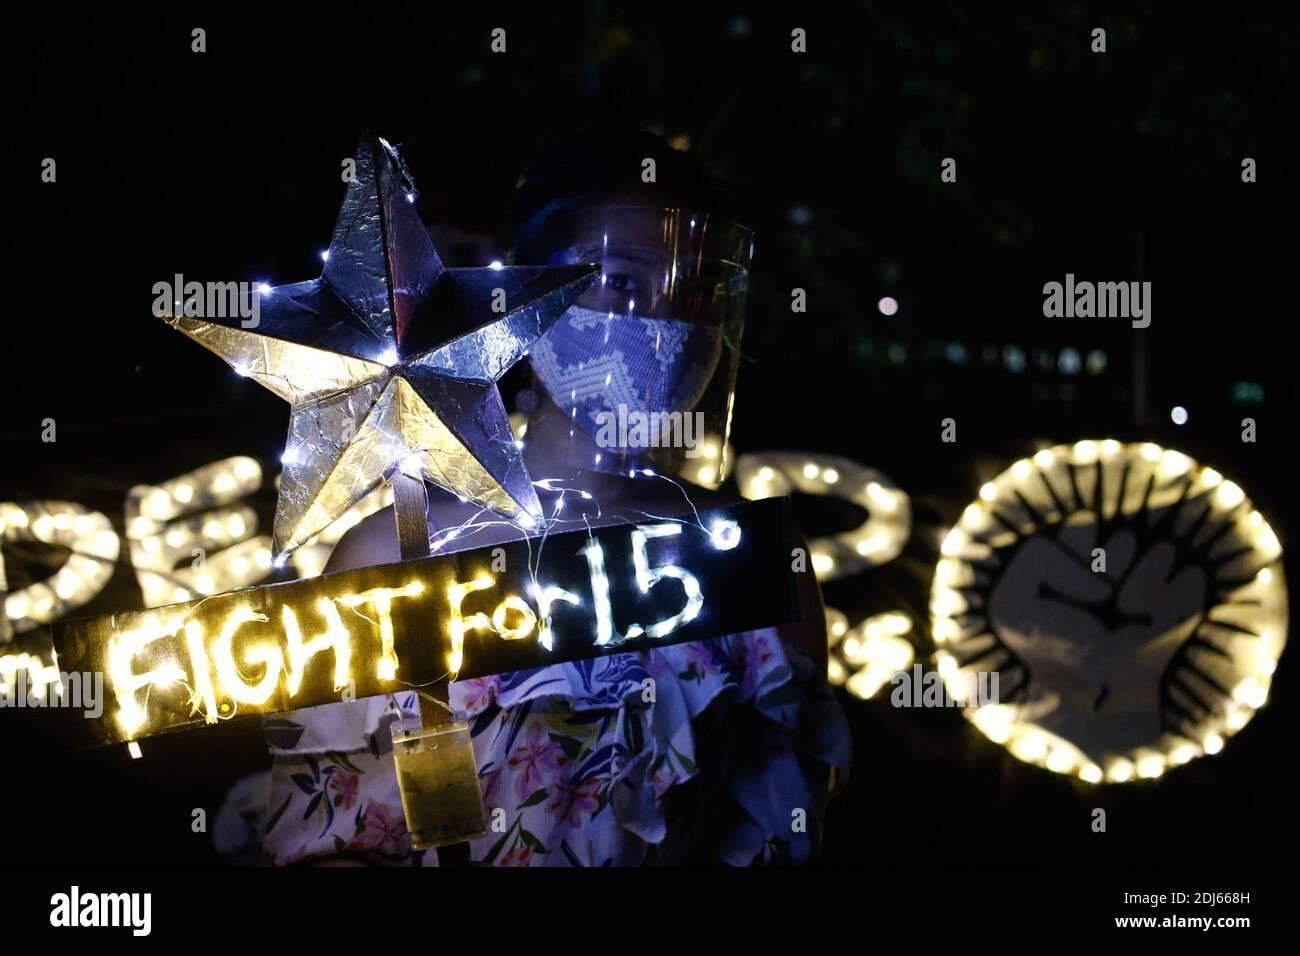 Gli attivisti del clima hanno acceso le candele e hanno tenuto striscioni di illuminazione a LED l'11 dicembre 2020. Questa attività commemora il quinquennio dell'accordo di Parigi con un invito a lottare per il 1.5 e a porre fine all'uccisione dei difensori dell'ambiente. Quezon City, Filippine. Foto Stock